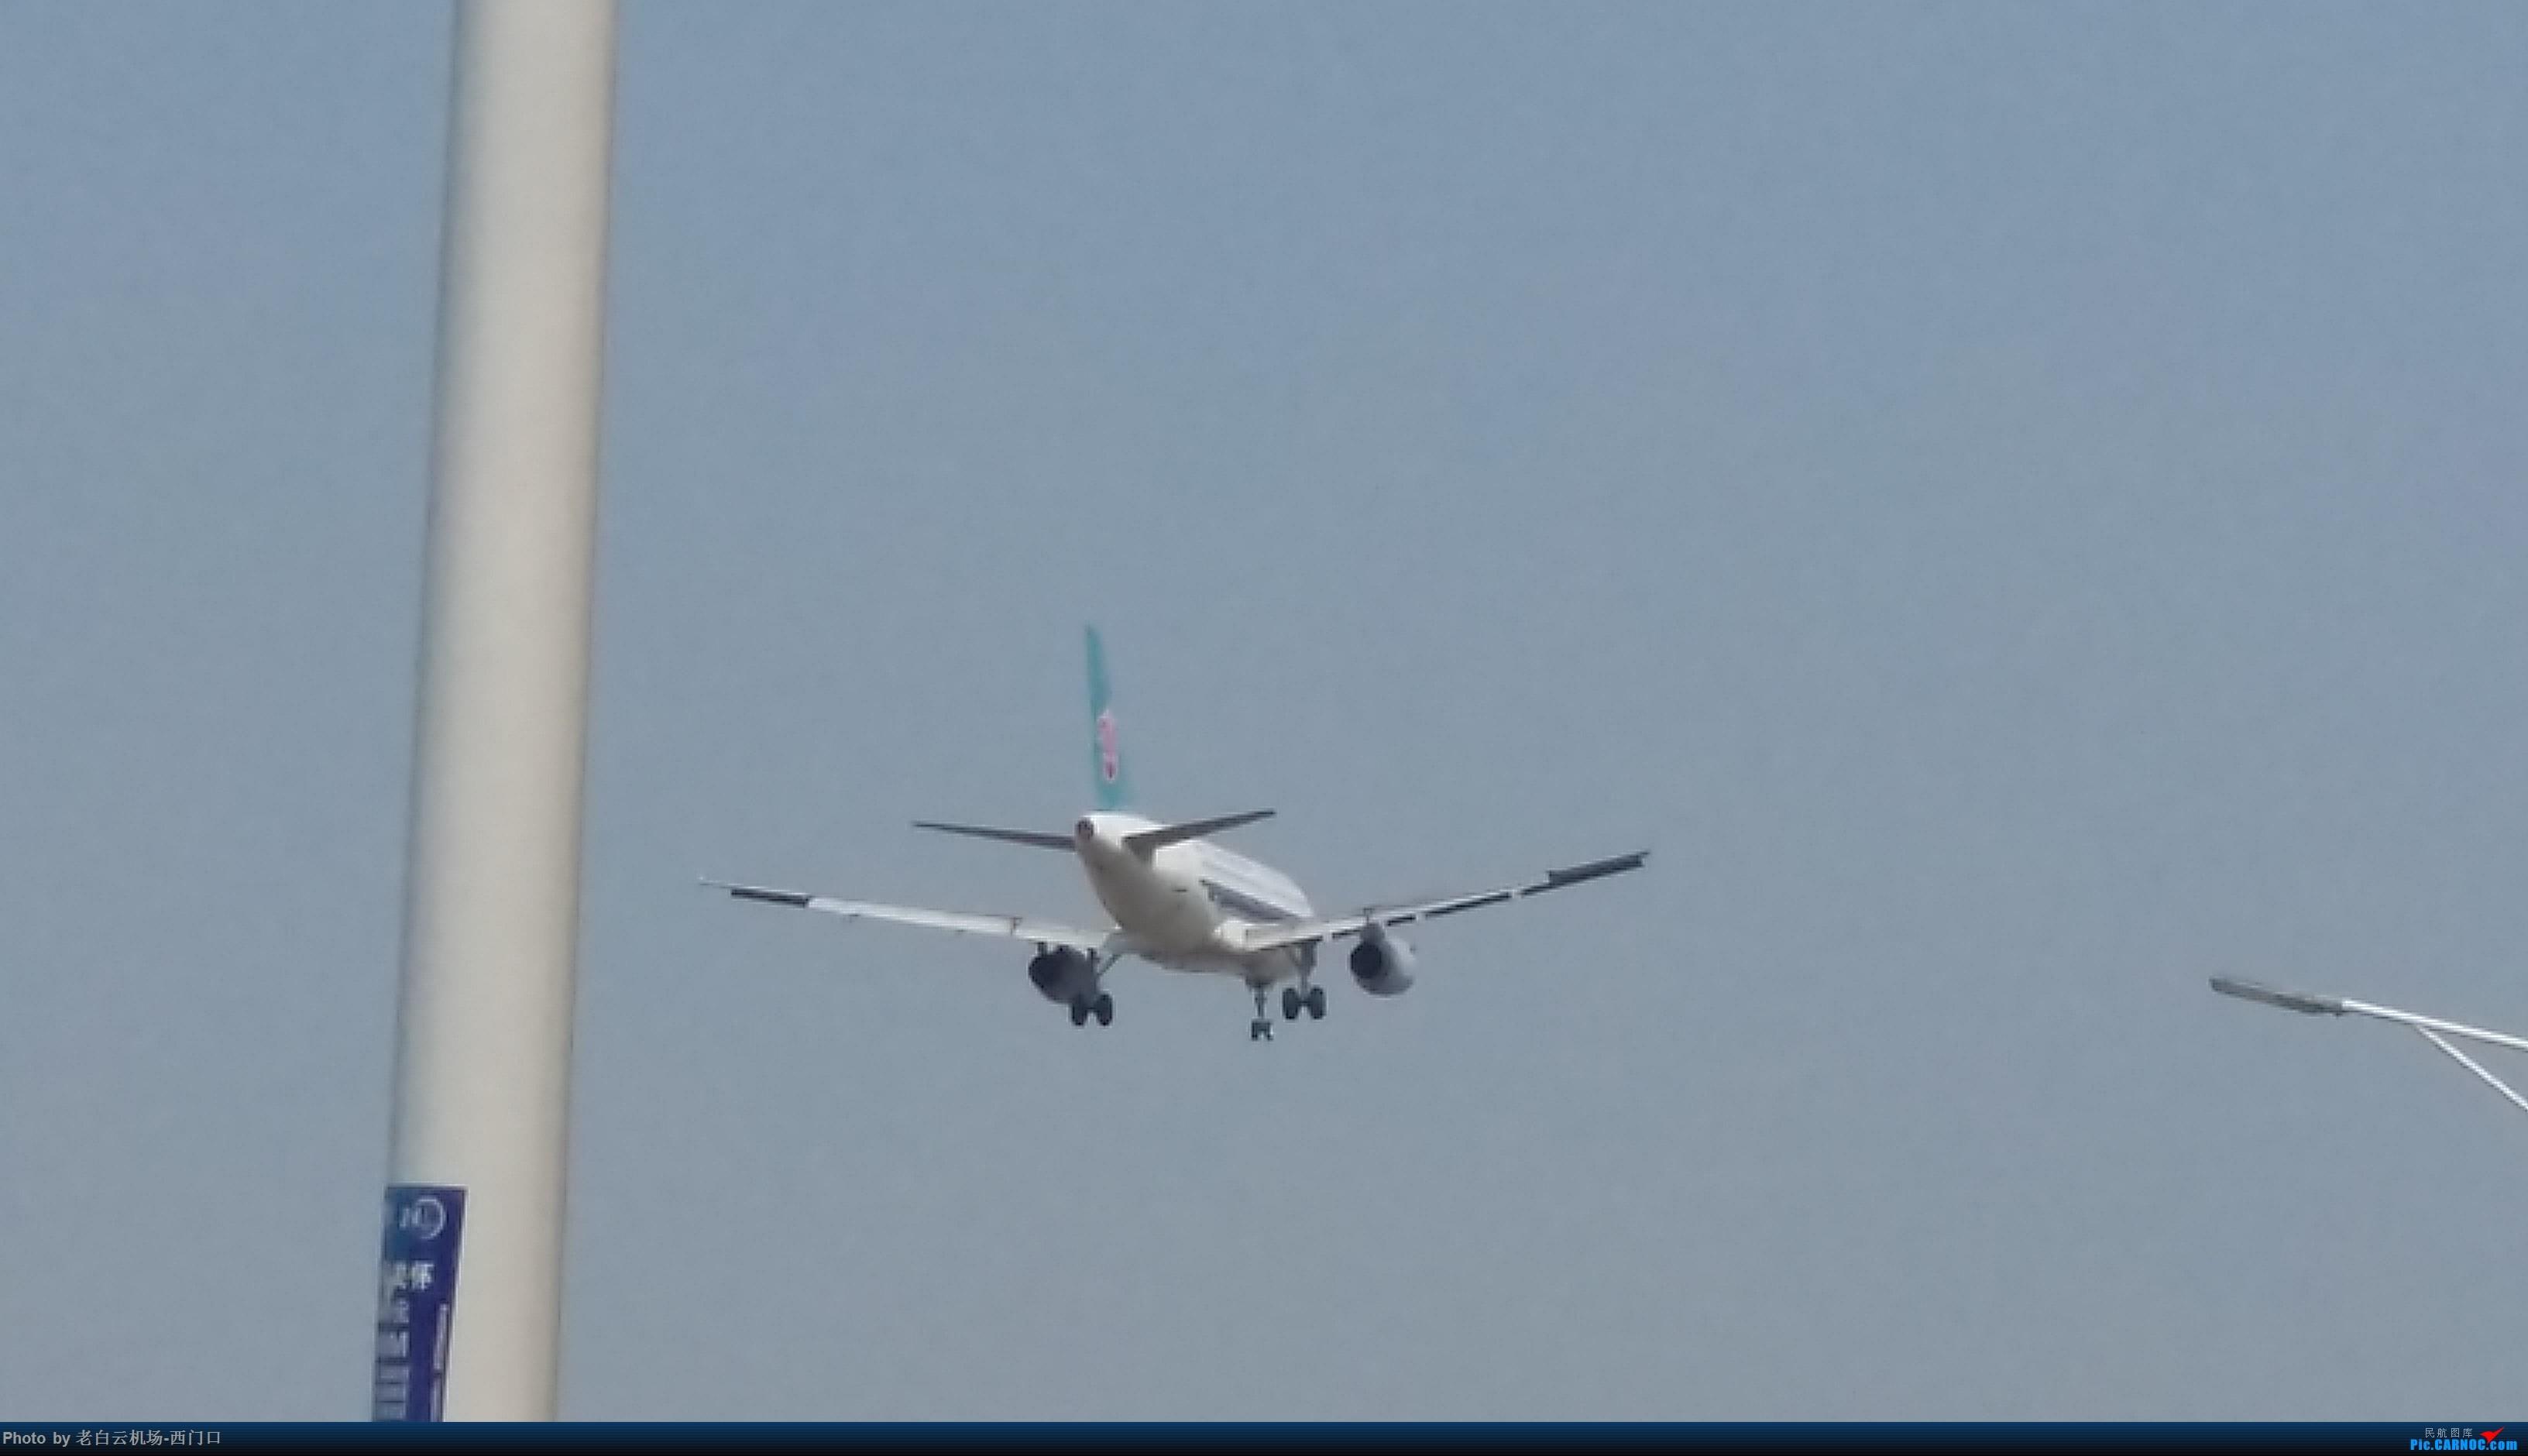 Re:[原创]我的拍飞机心情(广州) AIRBUS A319-100 B-6040 中国广州白云国际机场